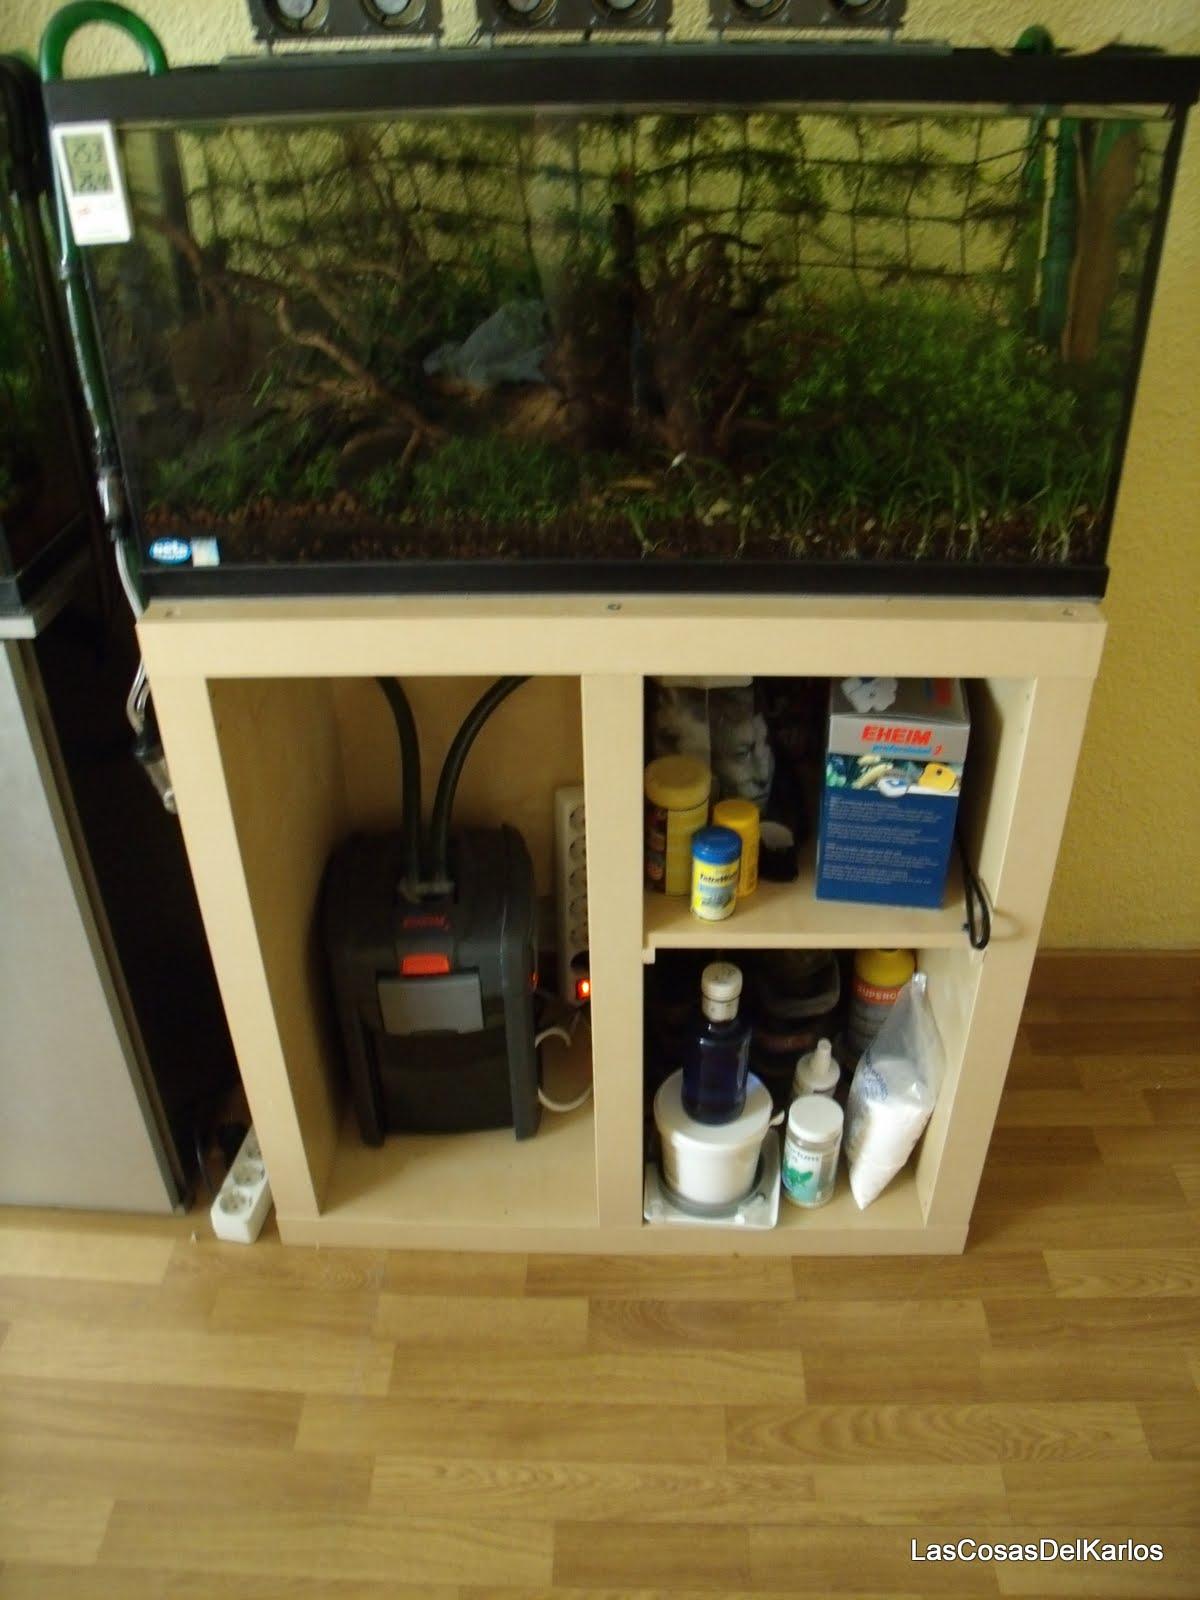 Las cosas del karlos mesa estanter a ikea expedit para - Muebles para television ikea ...